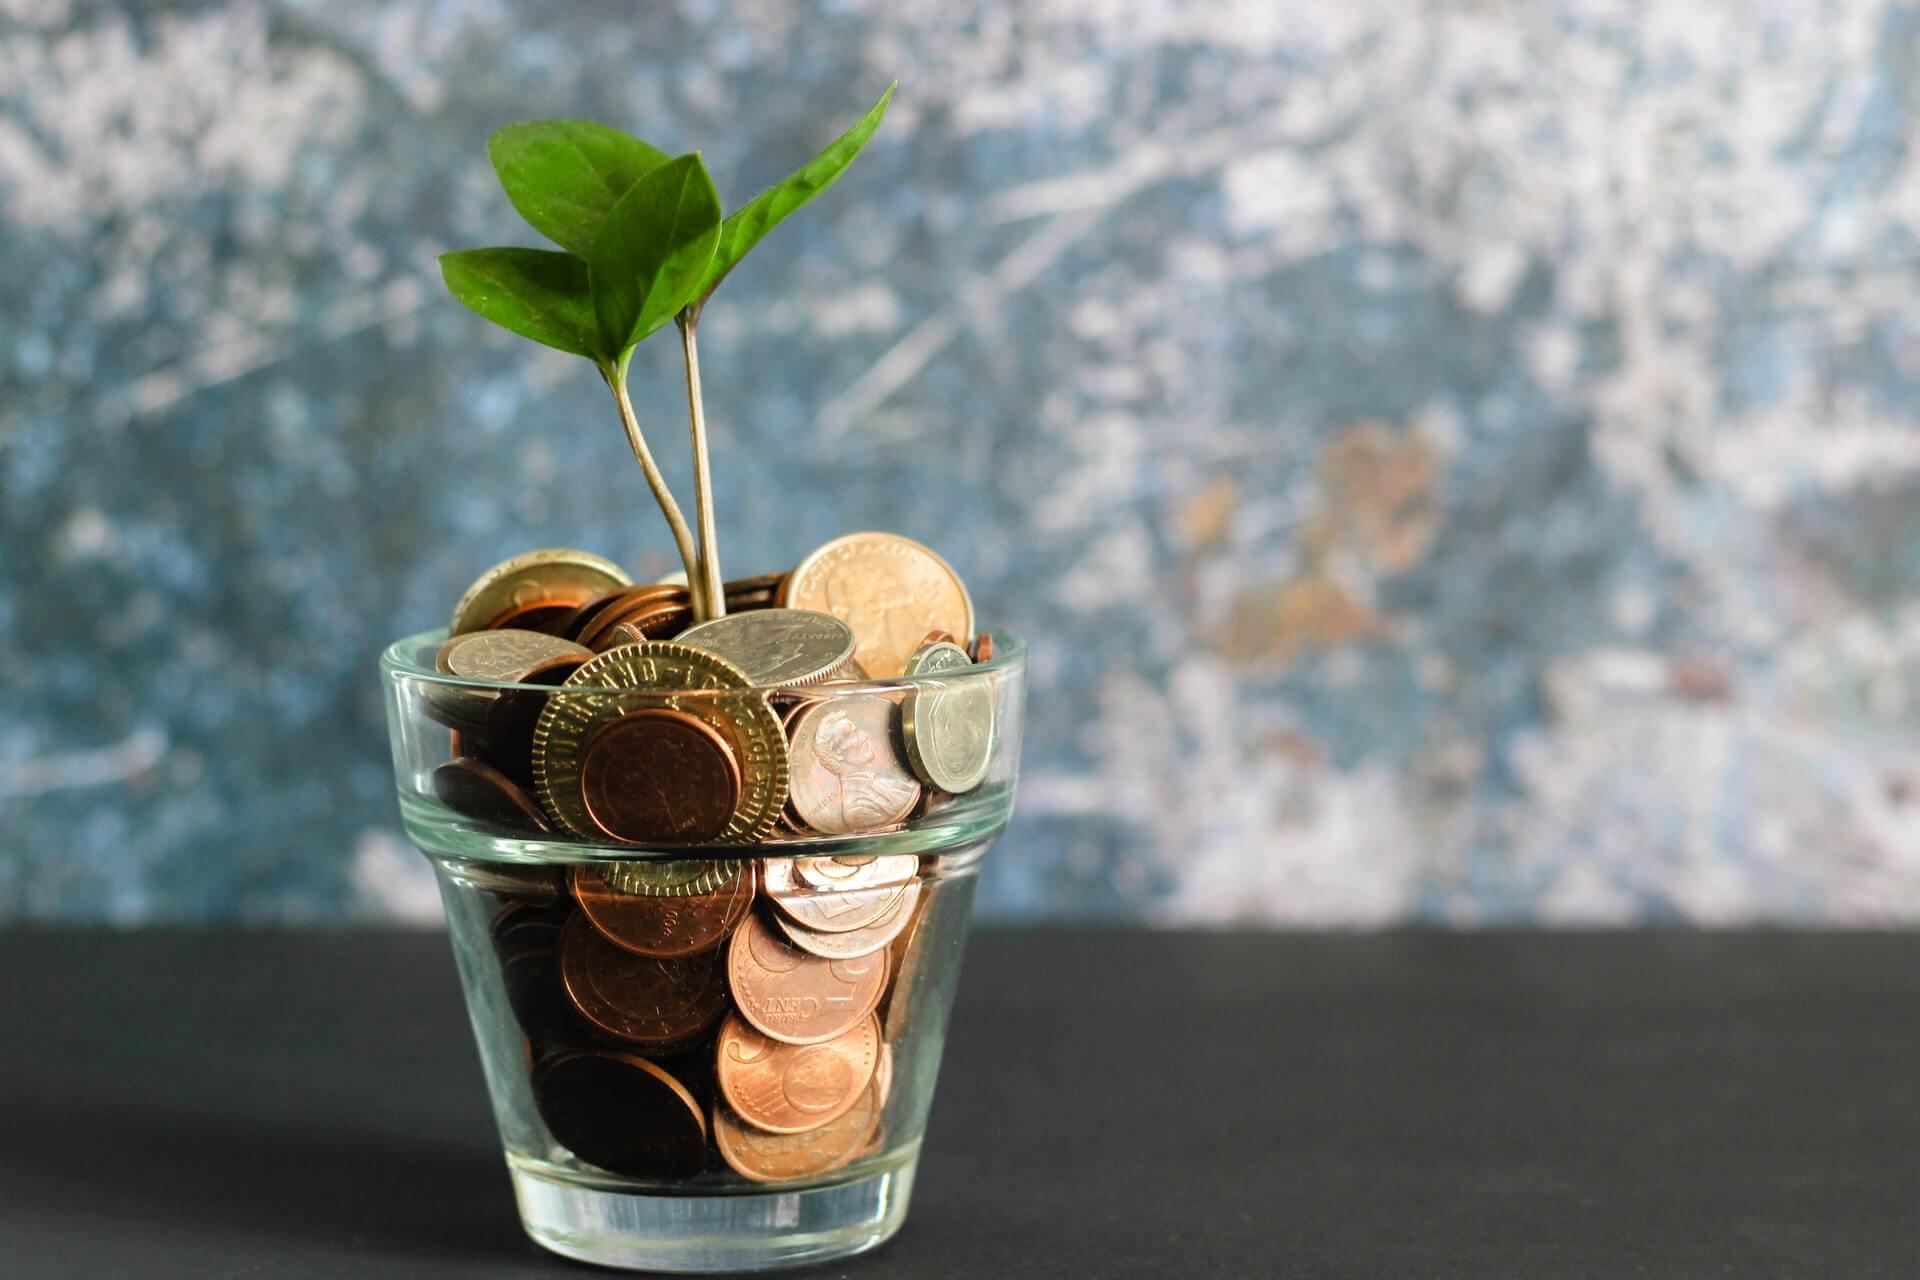 Soldi risparmiati per credito d'imposta formazione 4.0